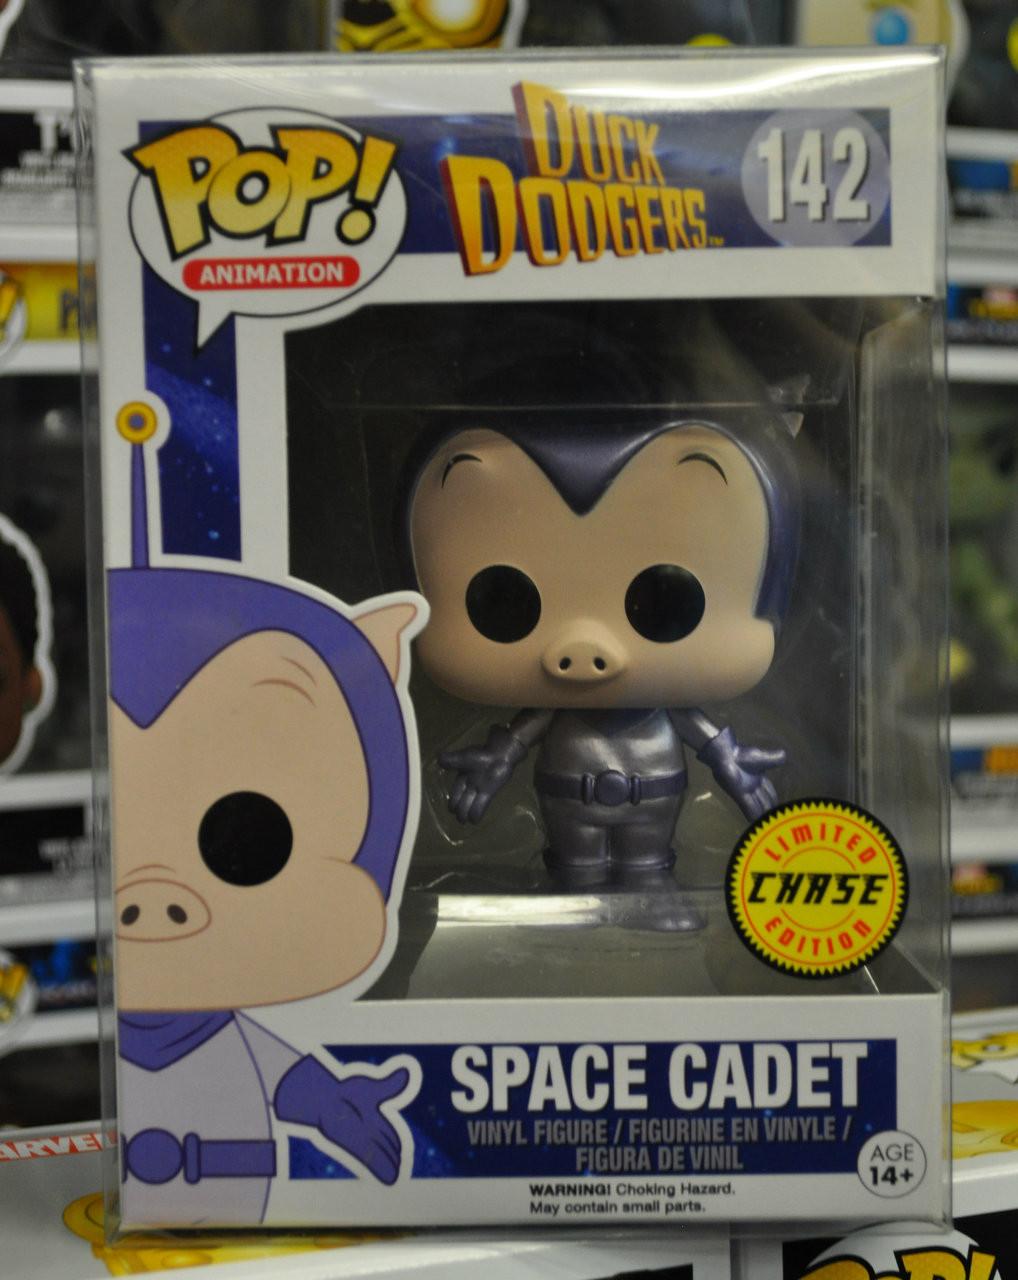 Space Cadet-Duck Dodgers Funko Pop Vinyl